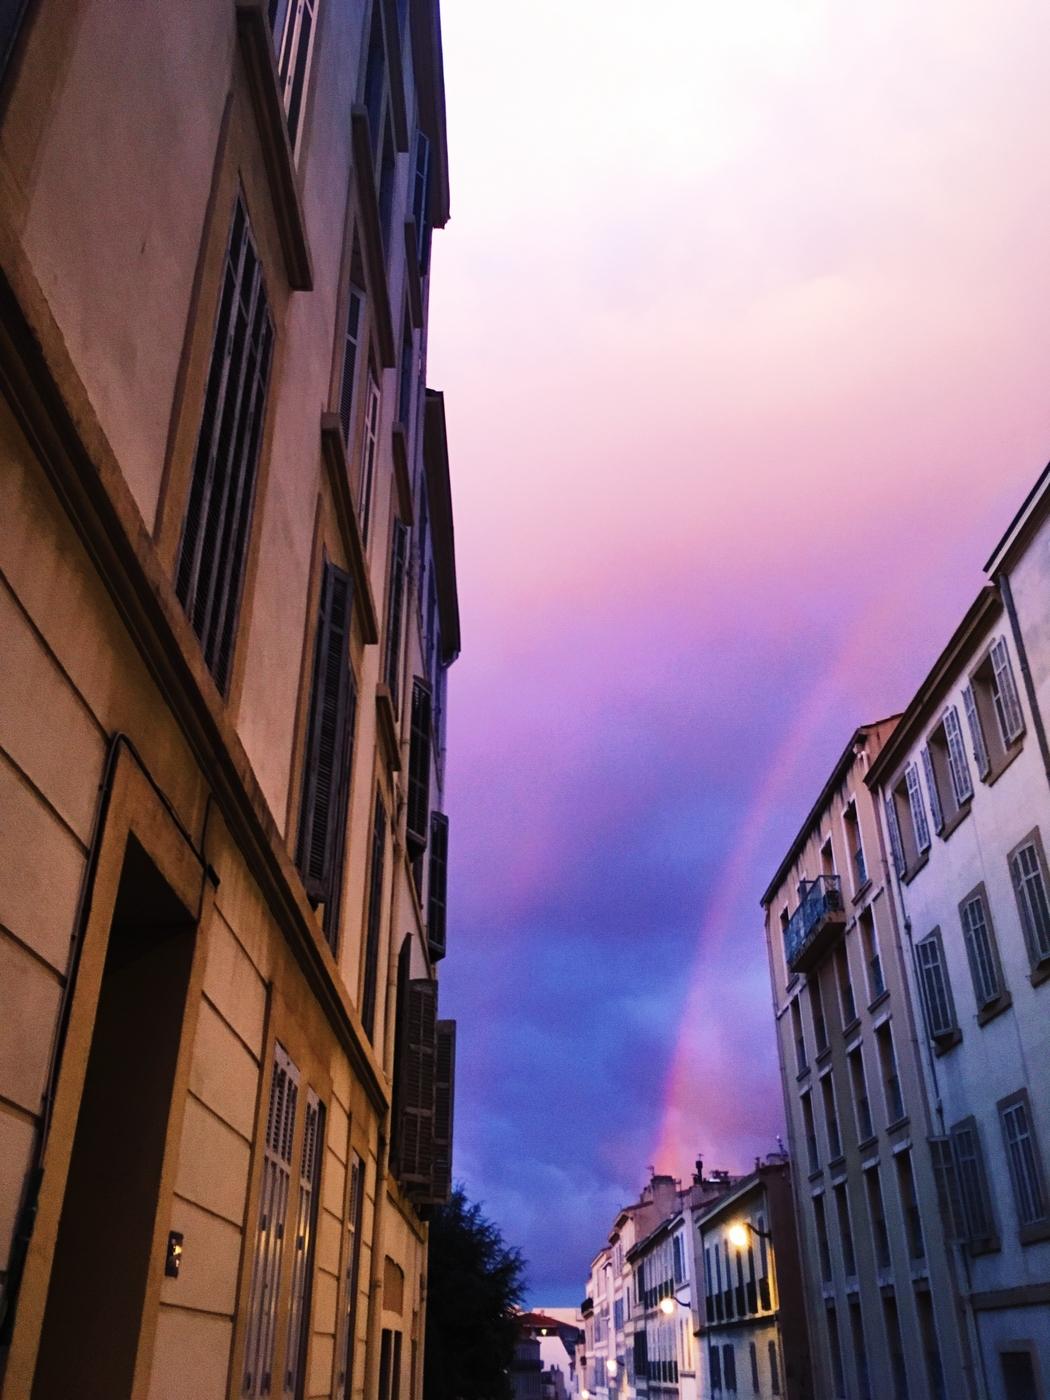 kaikki vähän vinksallaan Marseillessa